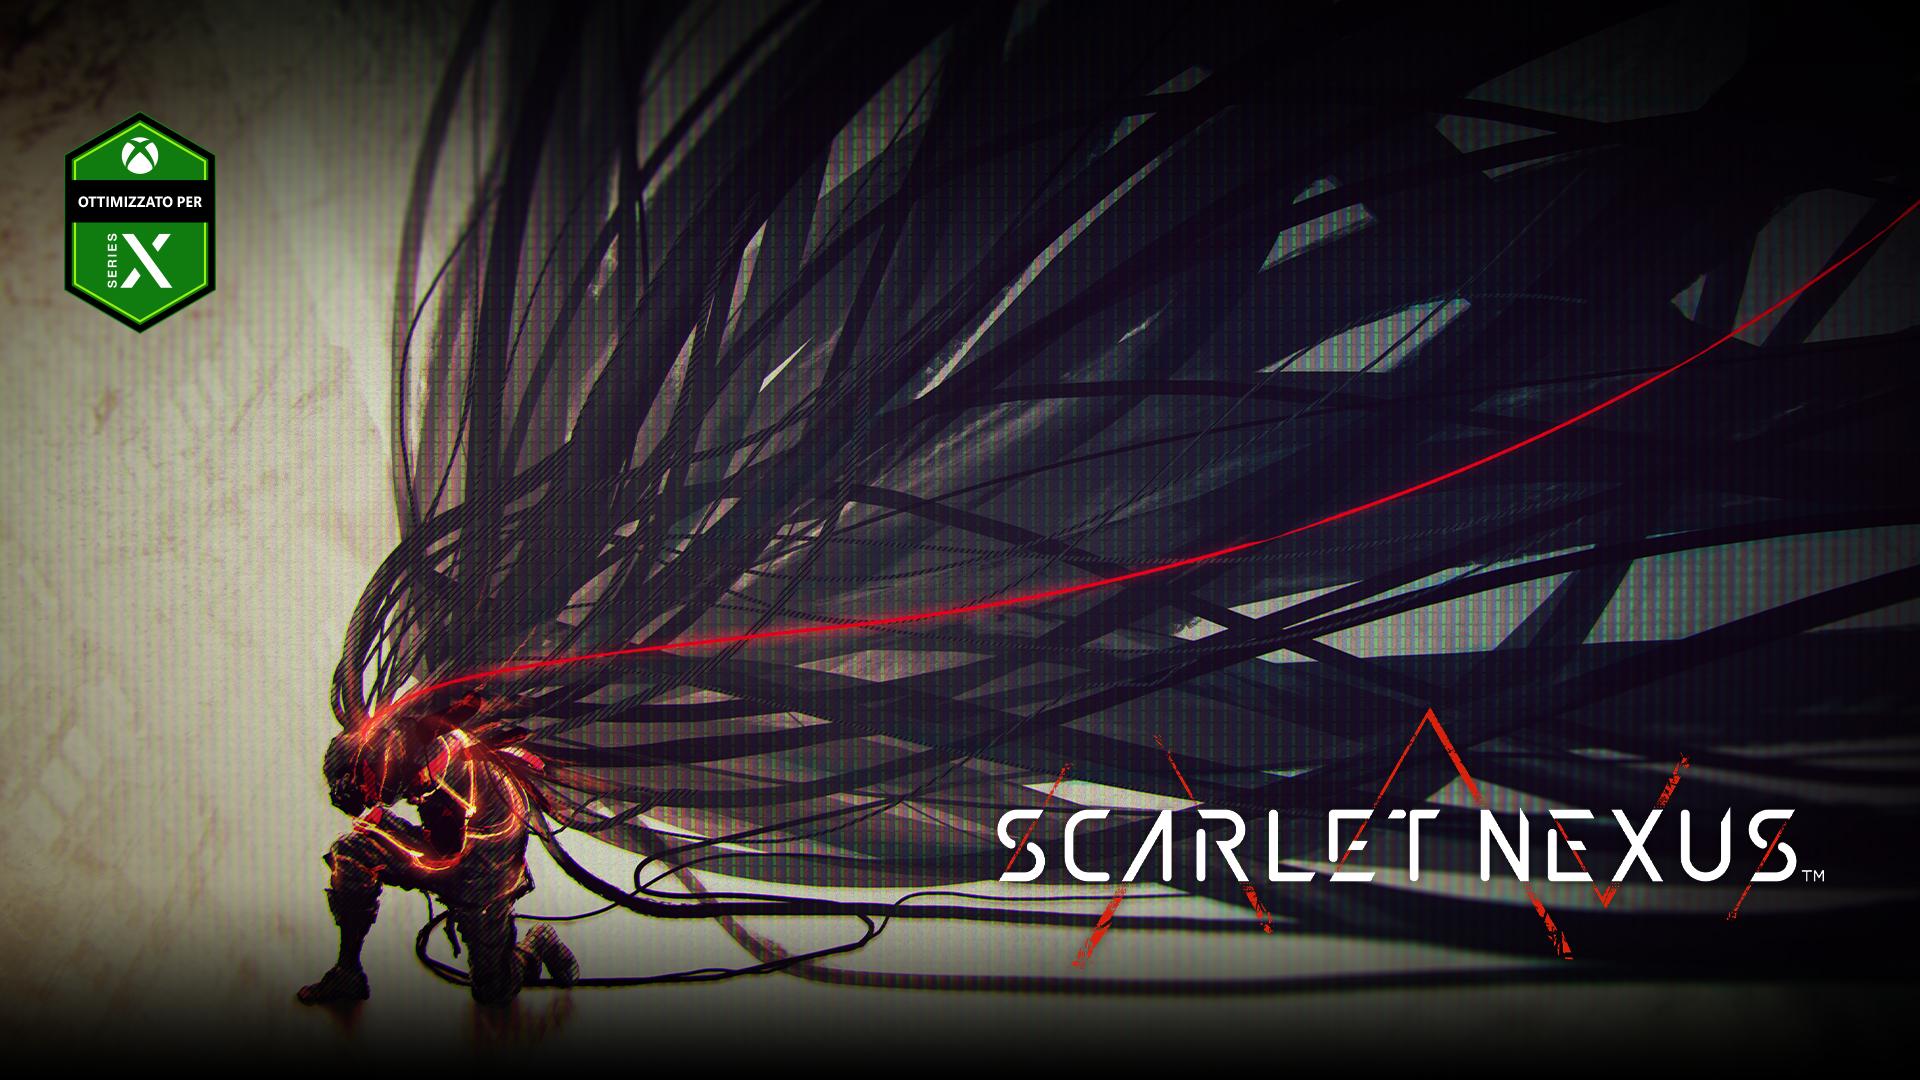 Scarlet Nexus, ottimizzato per Xbox Series X, un uomo si inginocchia con grandi strisce simili a capelli che fluiscono da lui